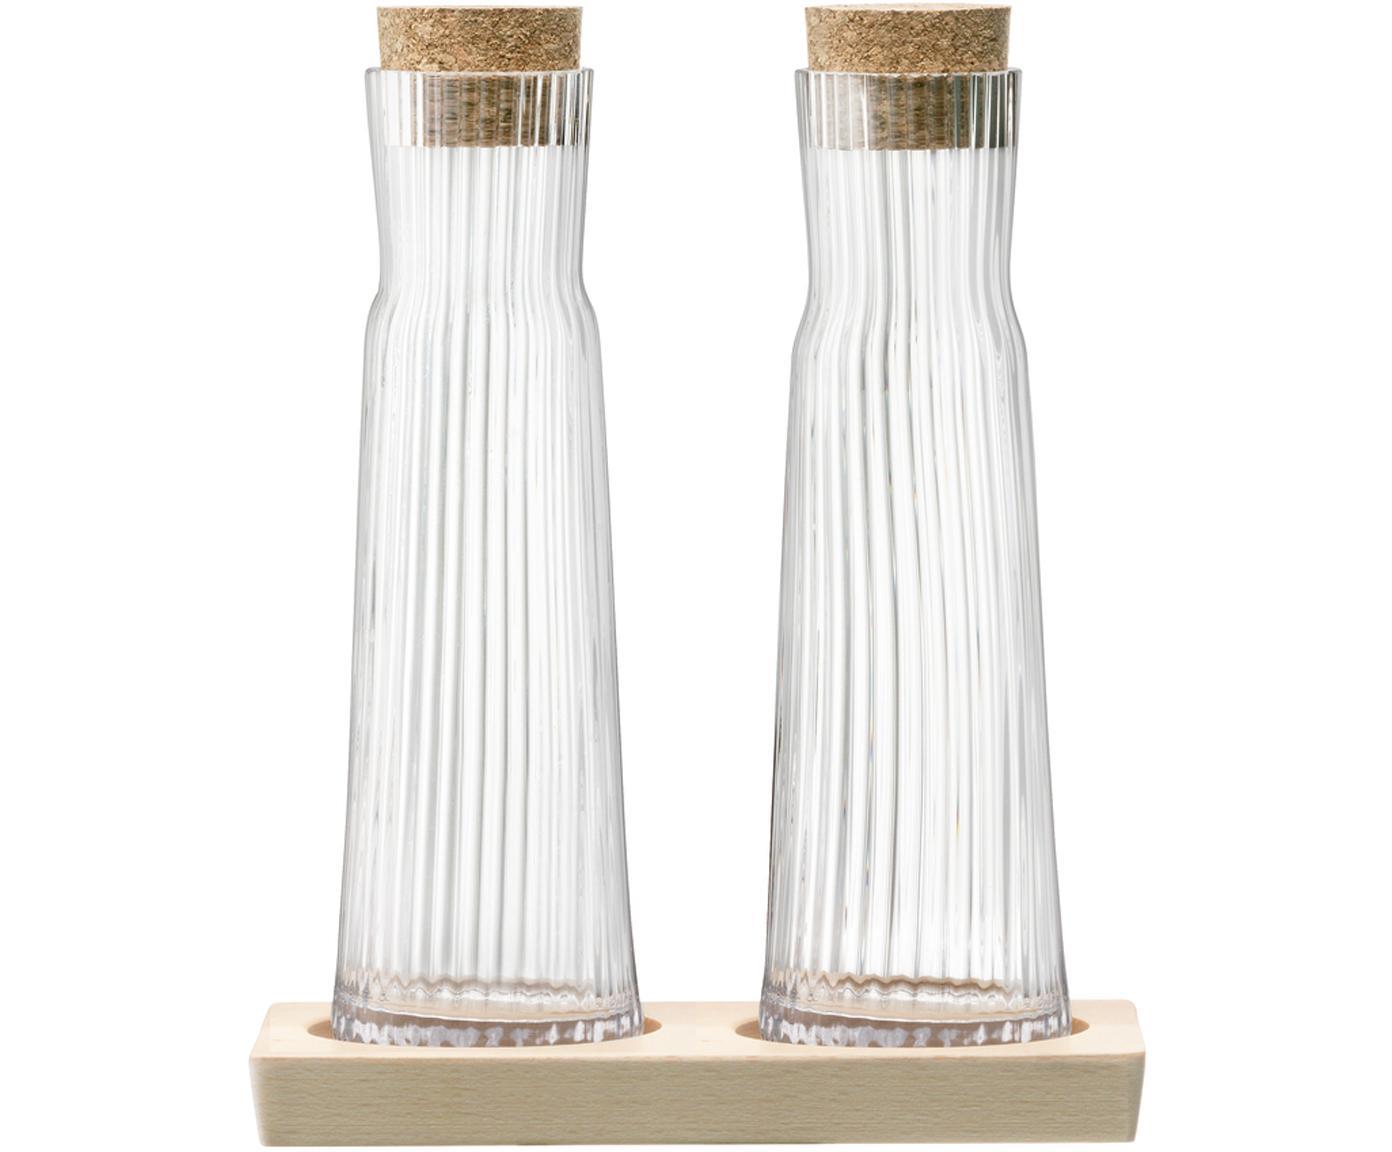 Set olio e aceto Gio Line 3 pz, Vassoio: legno di faggio, Trasparente, sughero, Larg. 16 x Alt. 20 cm